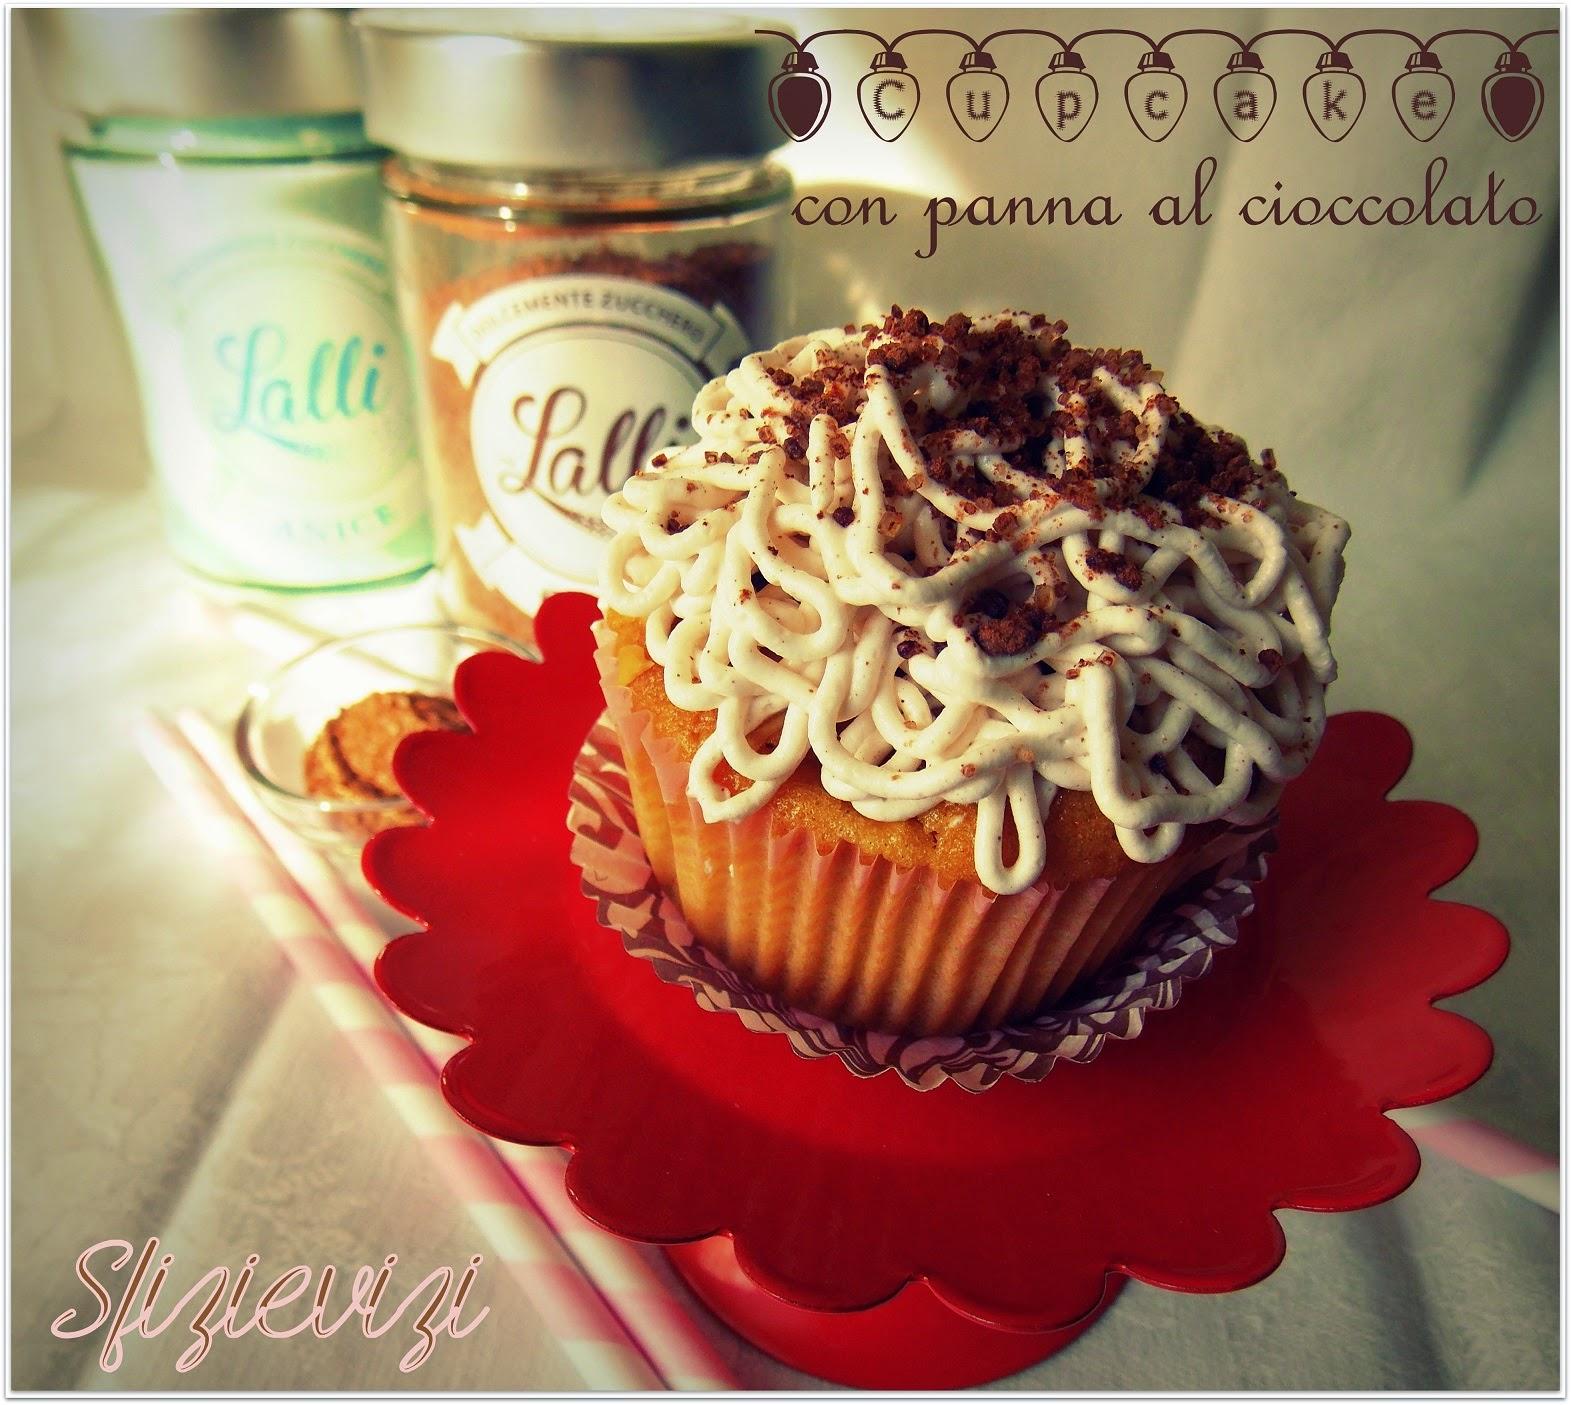 cupcake con panna al cioccolato - ricetta senza latticini -